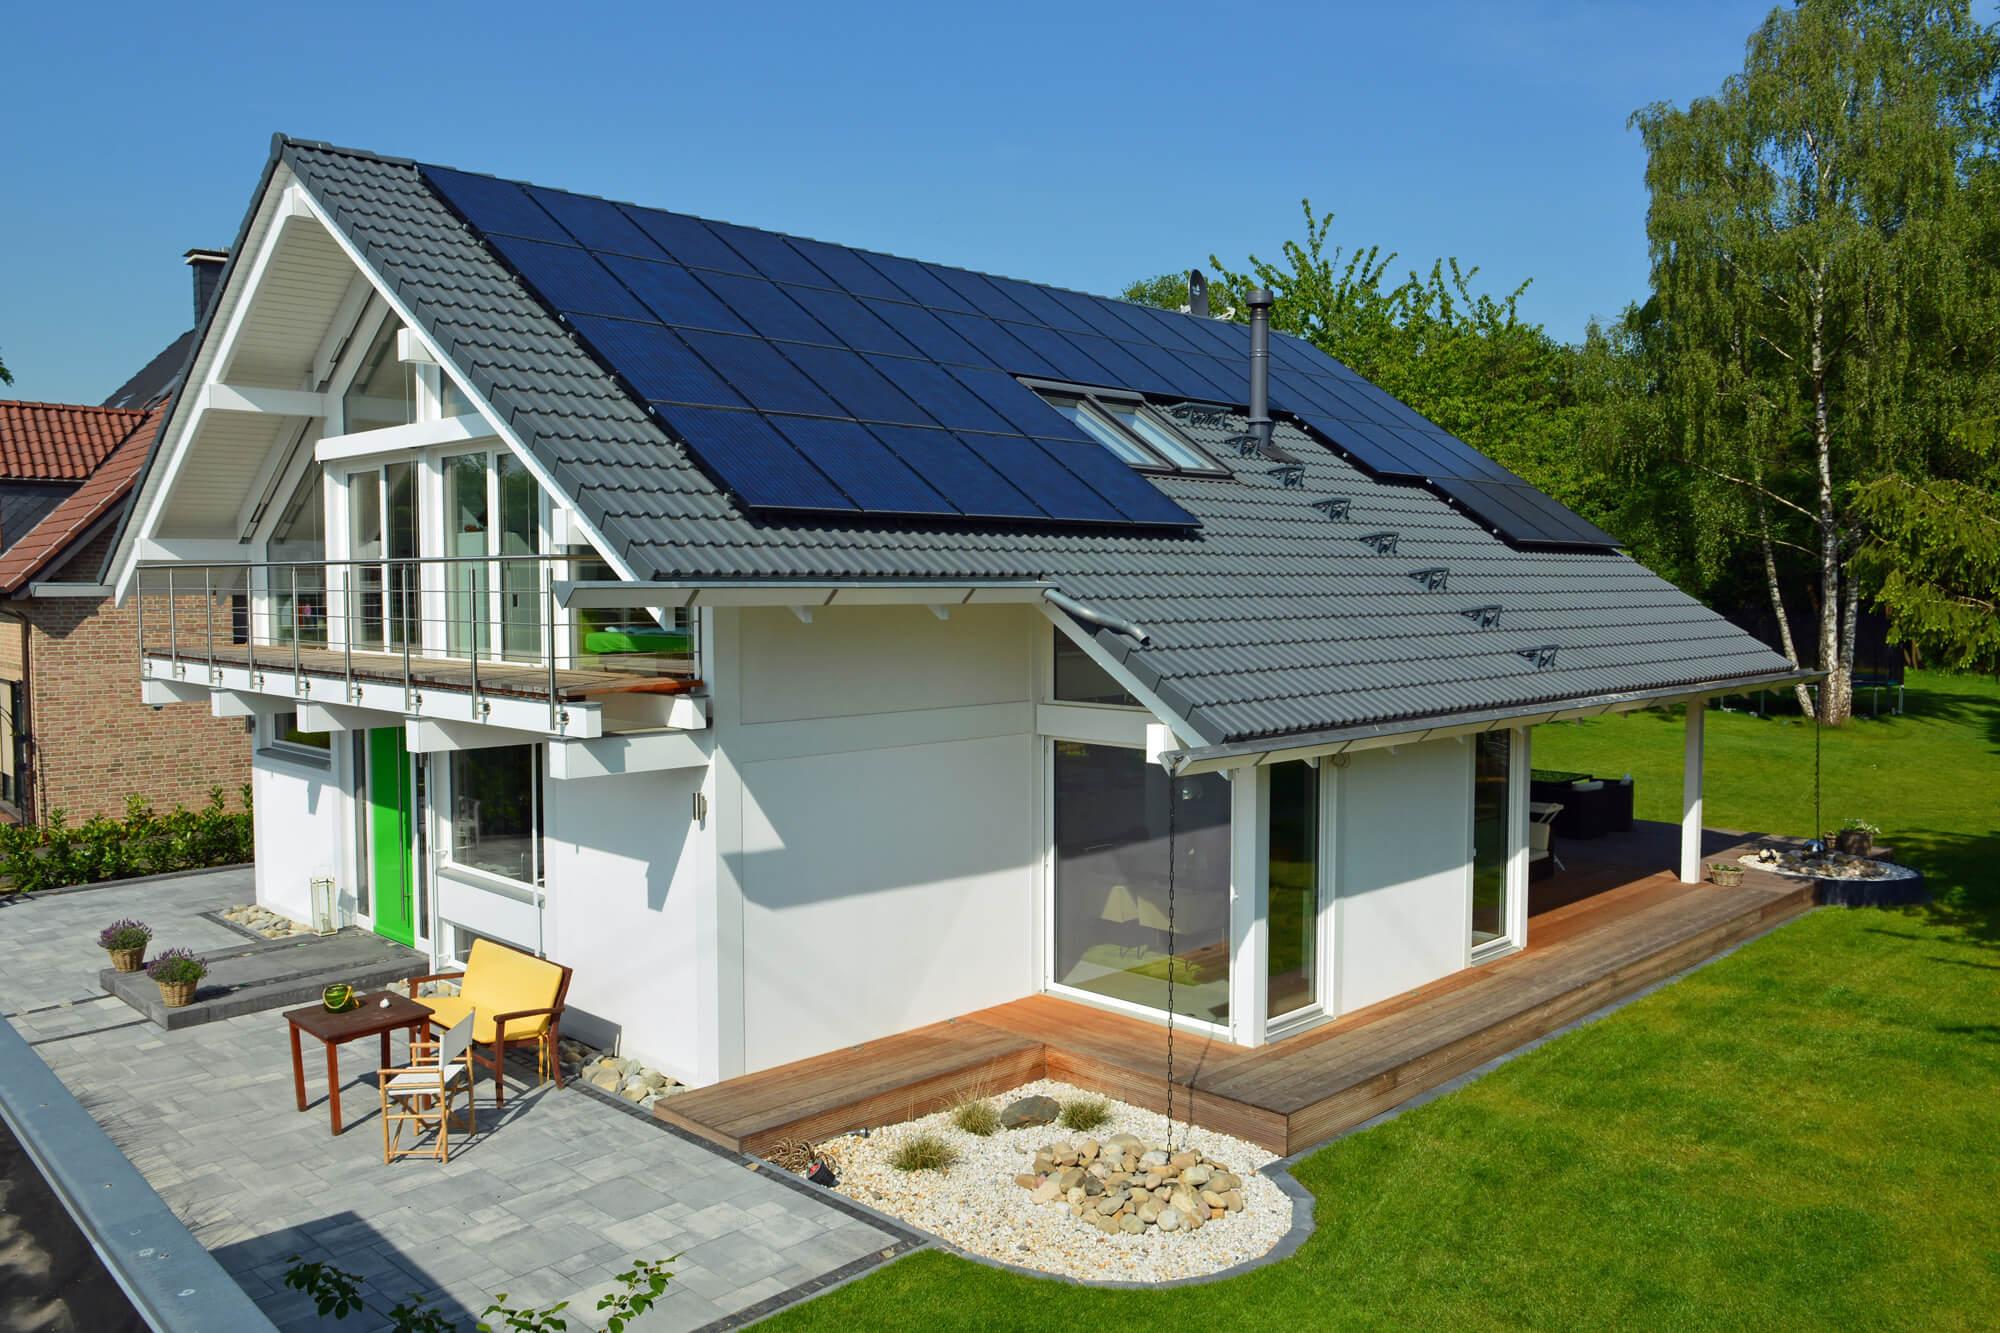 Energiesparhaus Thermoplus - umfeldfreundliche Materialien - KD Haus